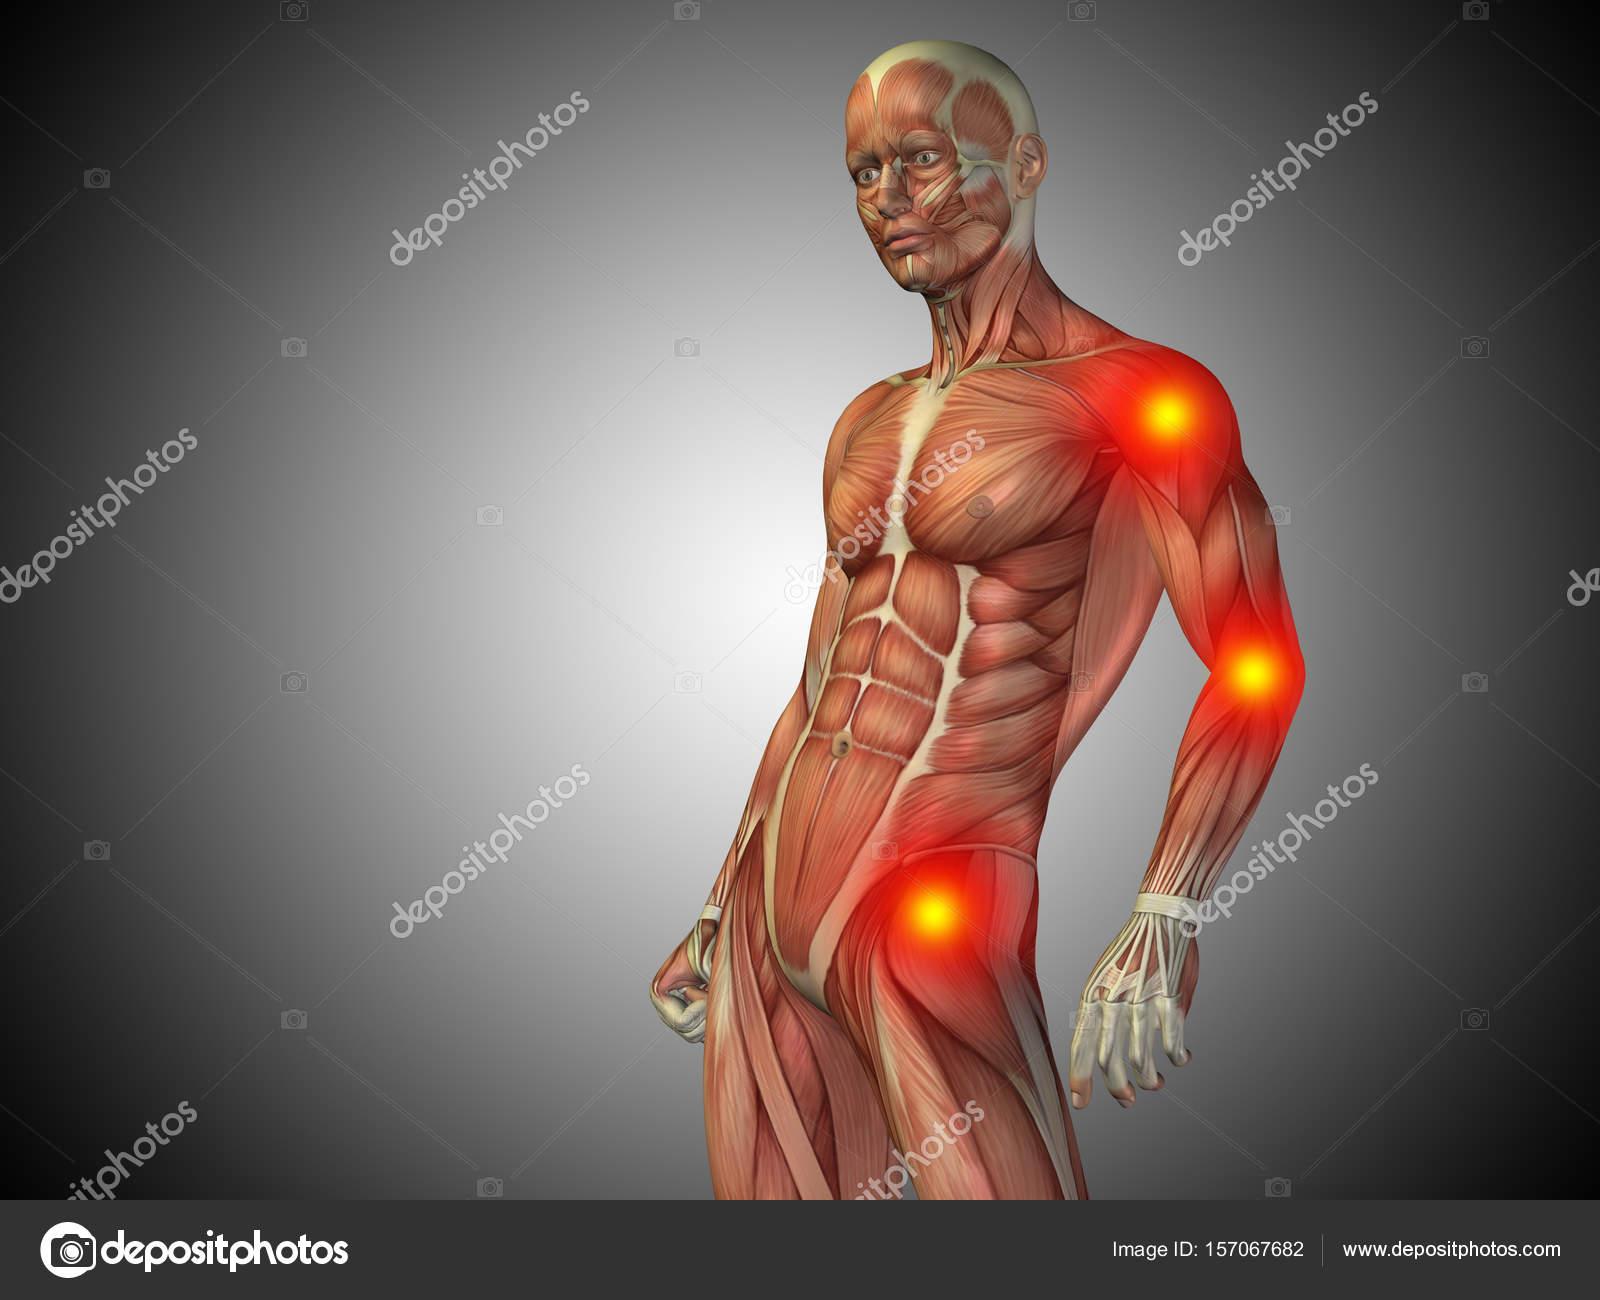 cuerpo de anatomía humana con dolor articular — Foto de stock ...